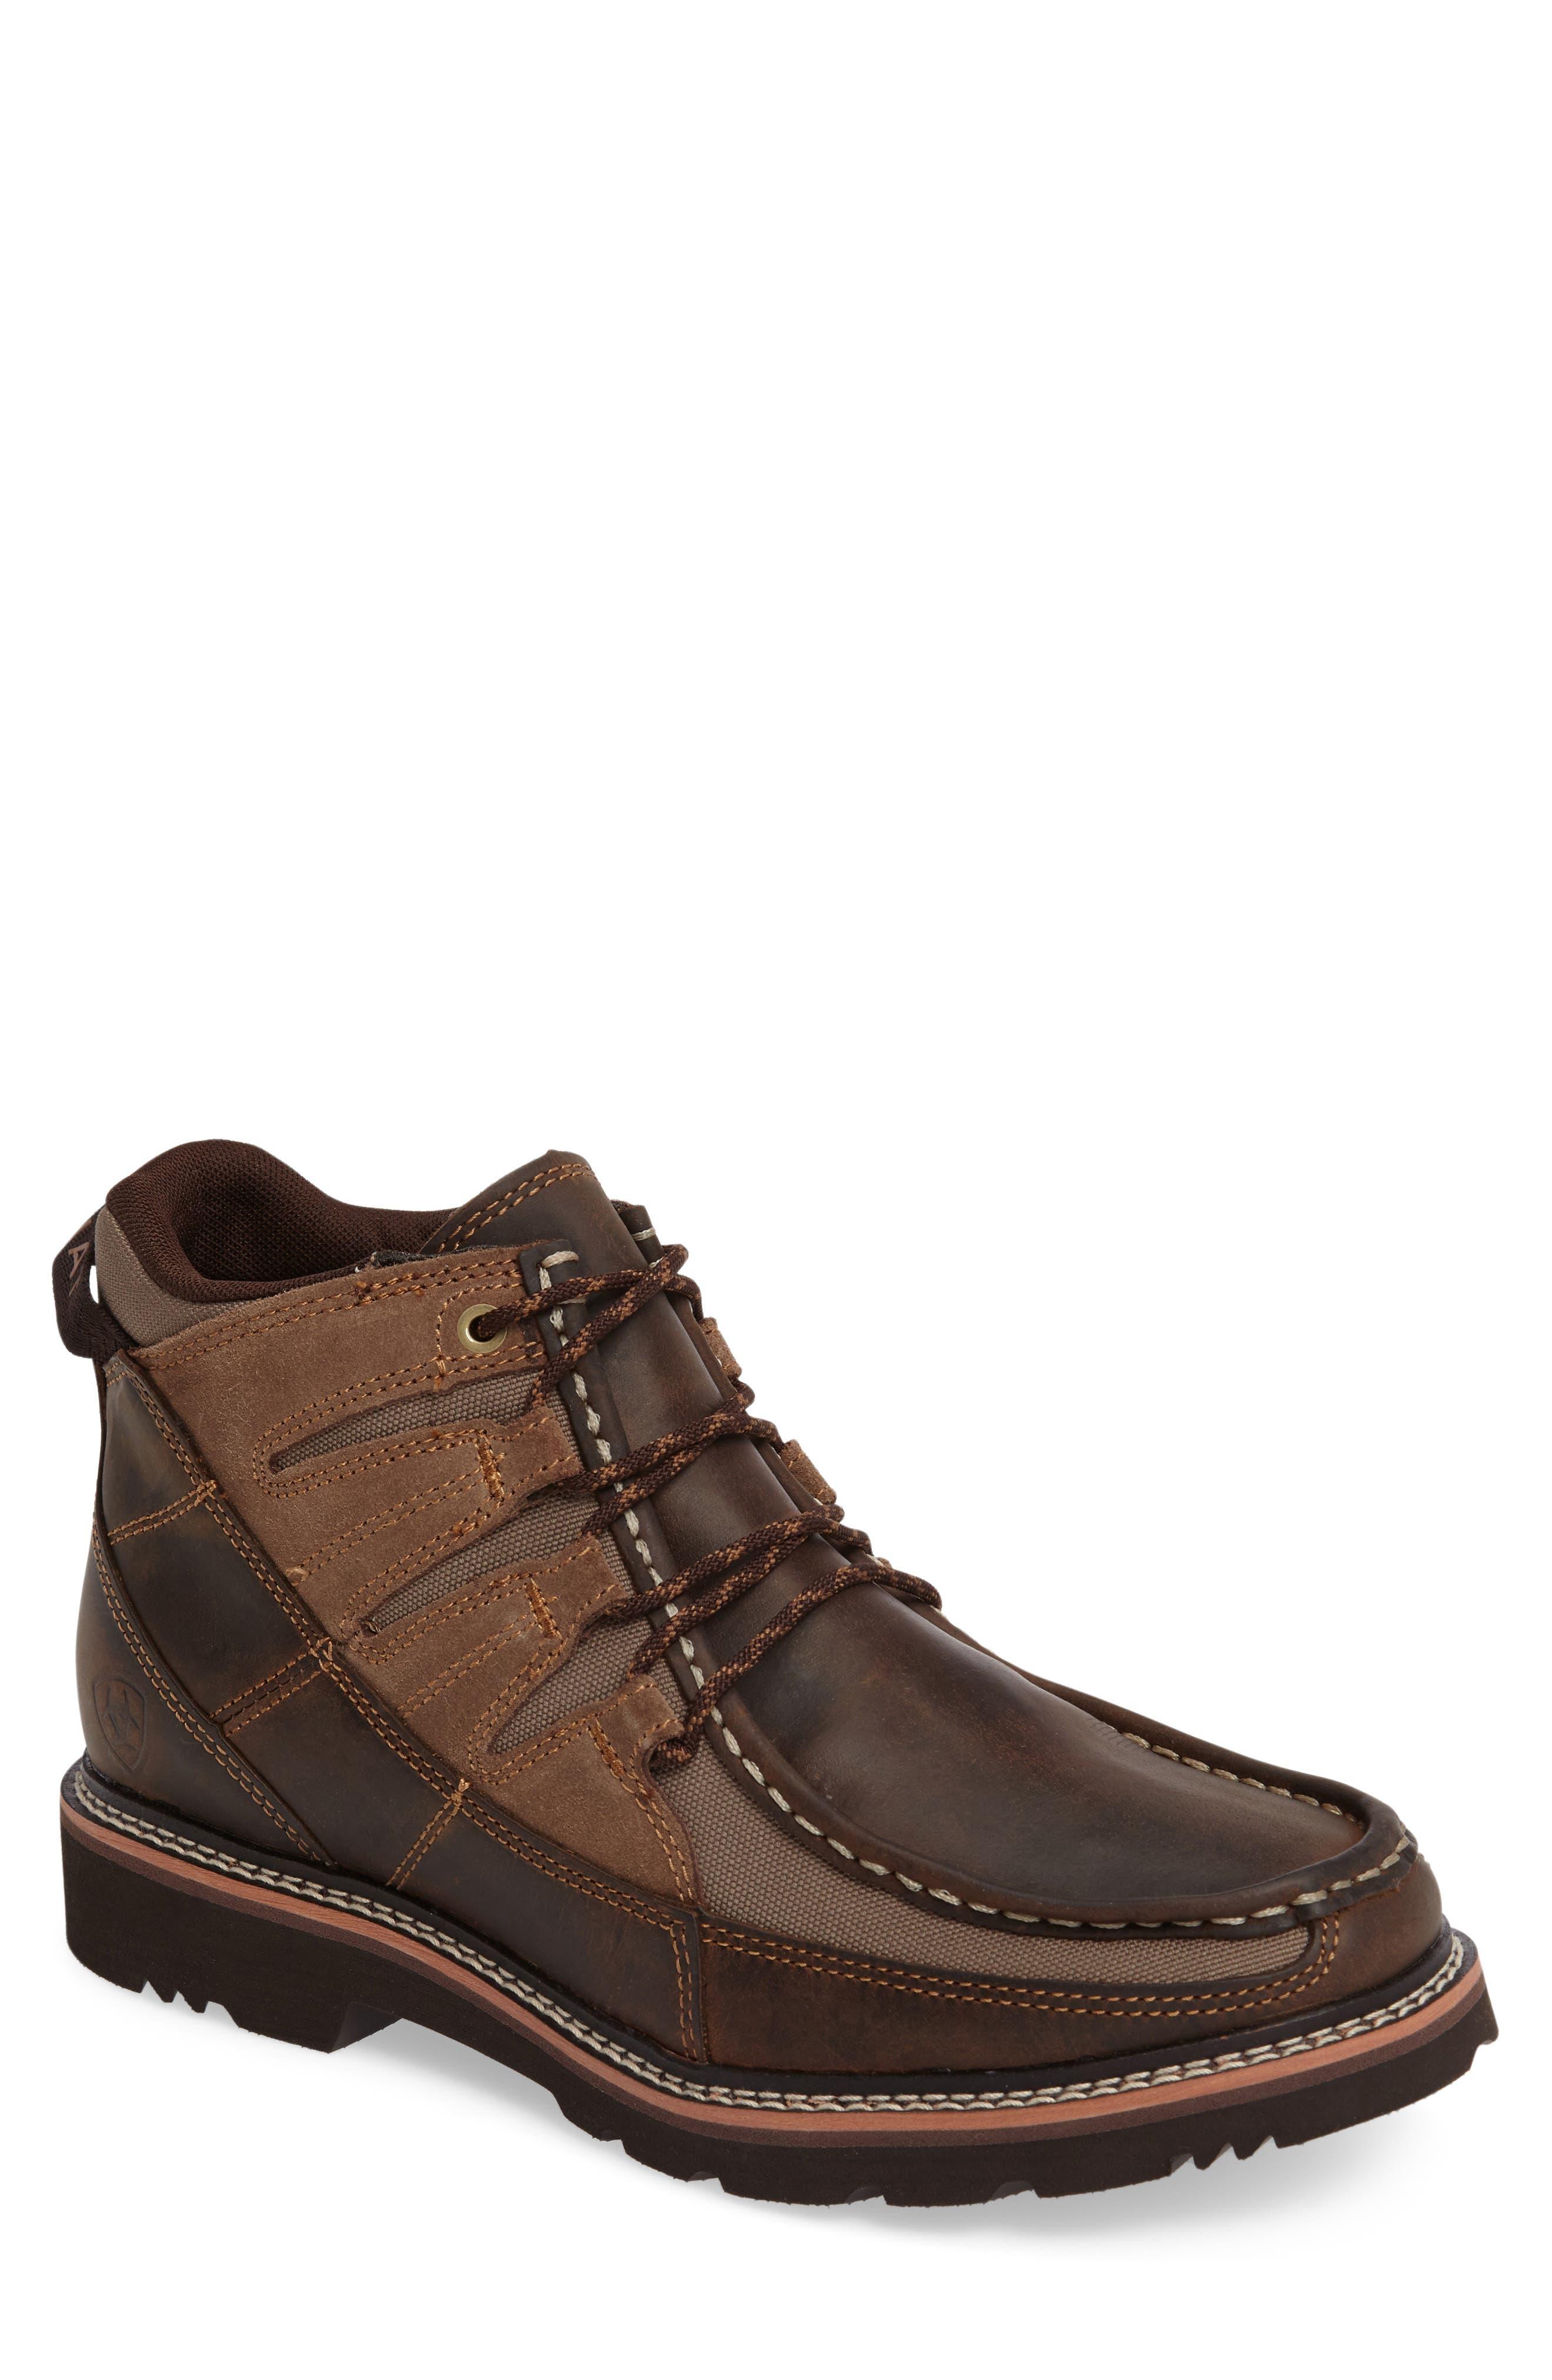 Ariat Exhibitor Moc Toe Boot (Men)